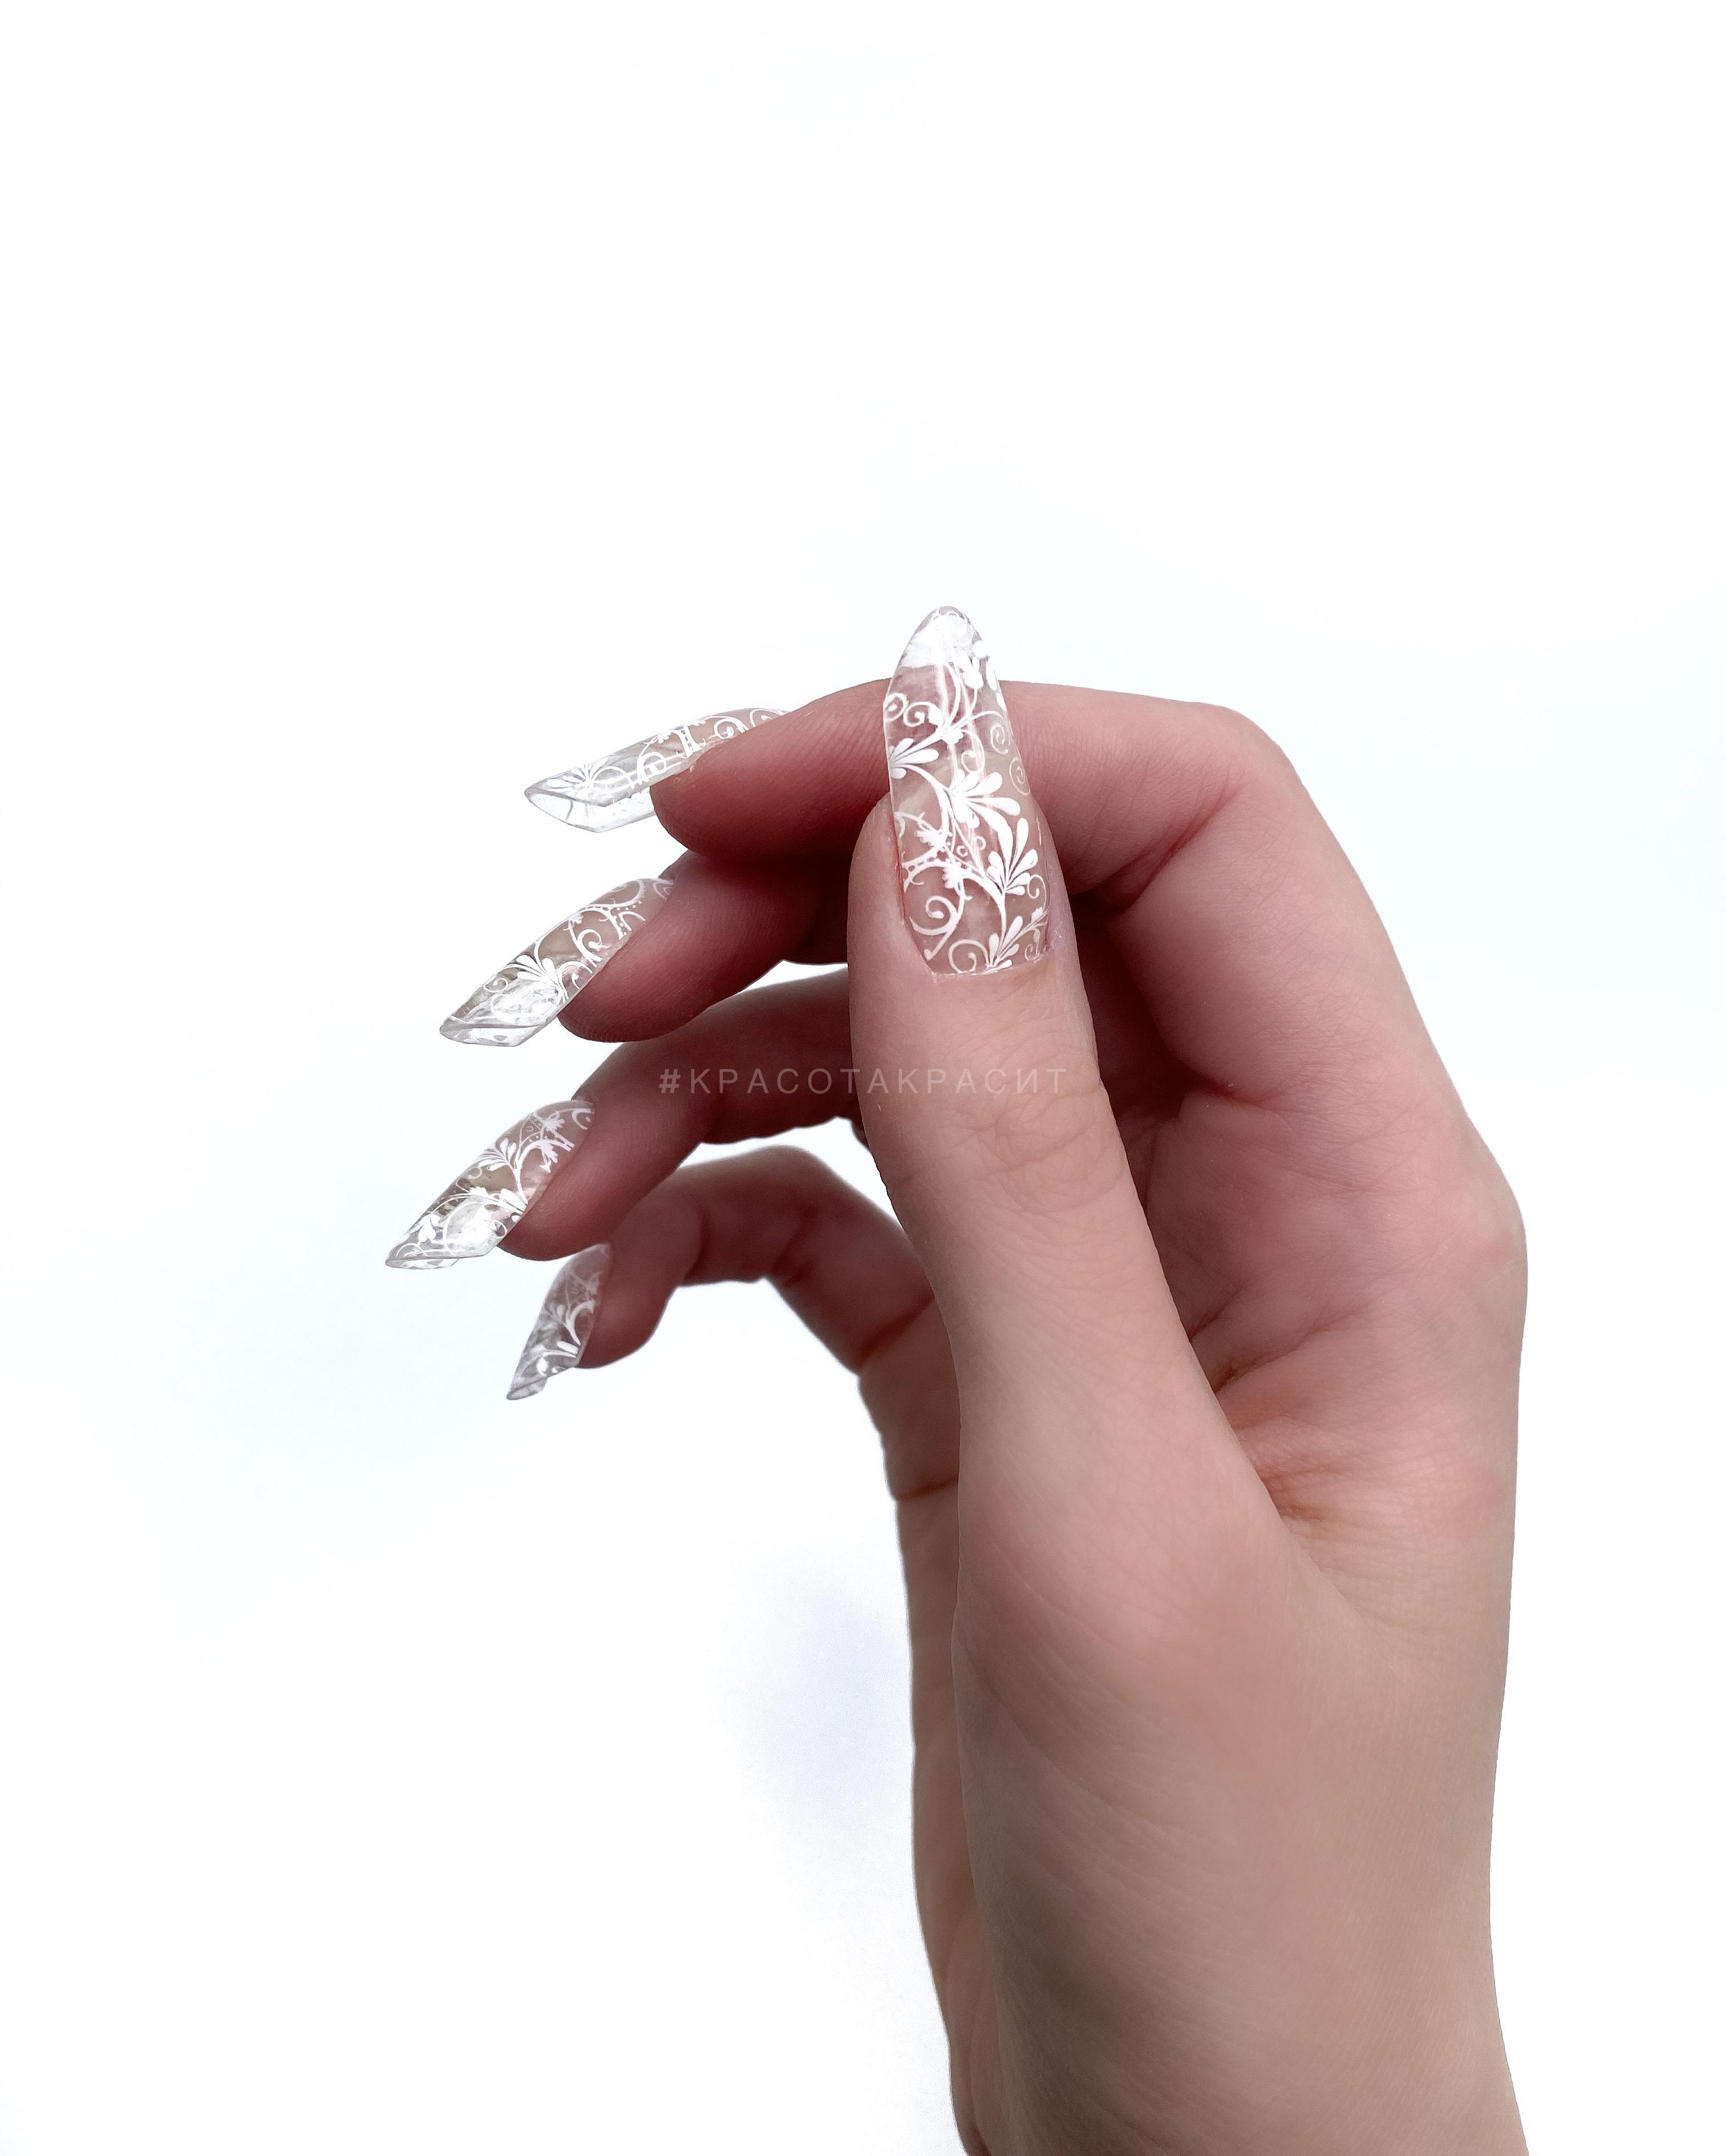 Прозрачный маникюр с вензелями на длинные ногти.